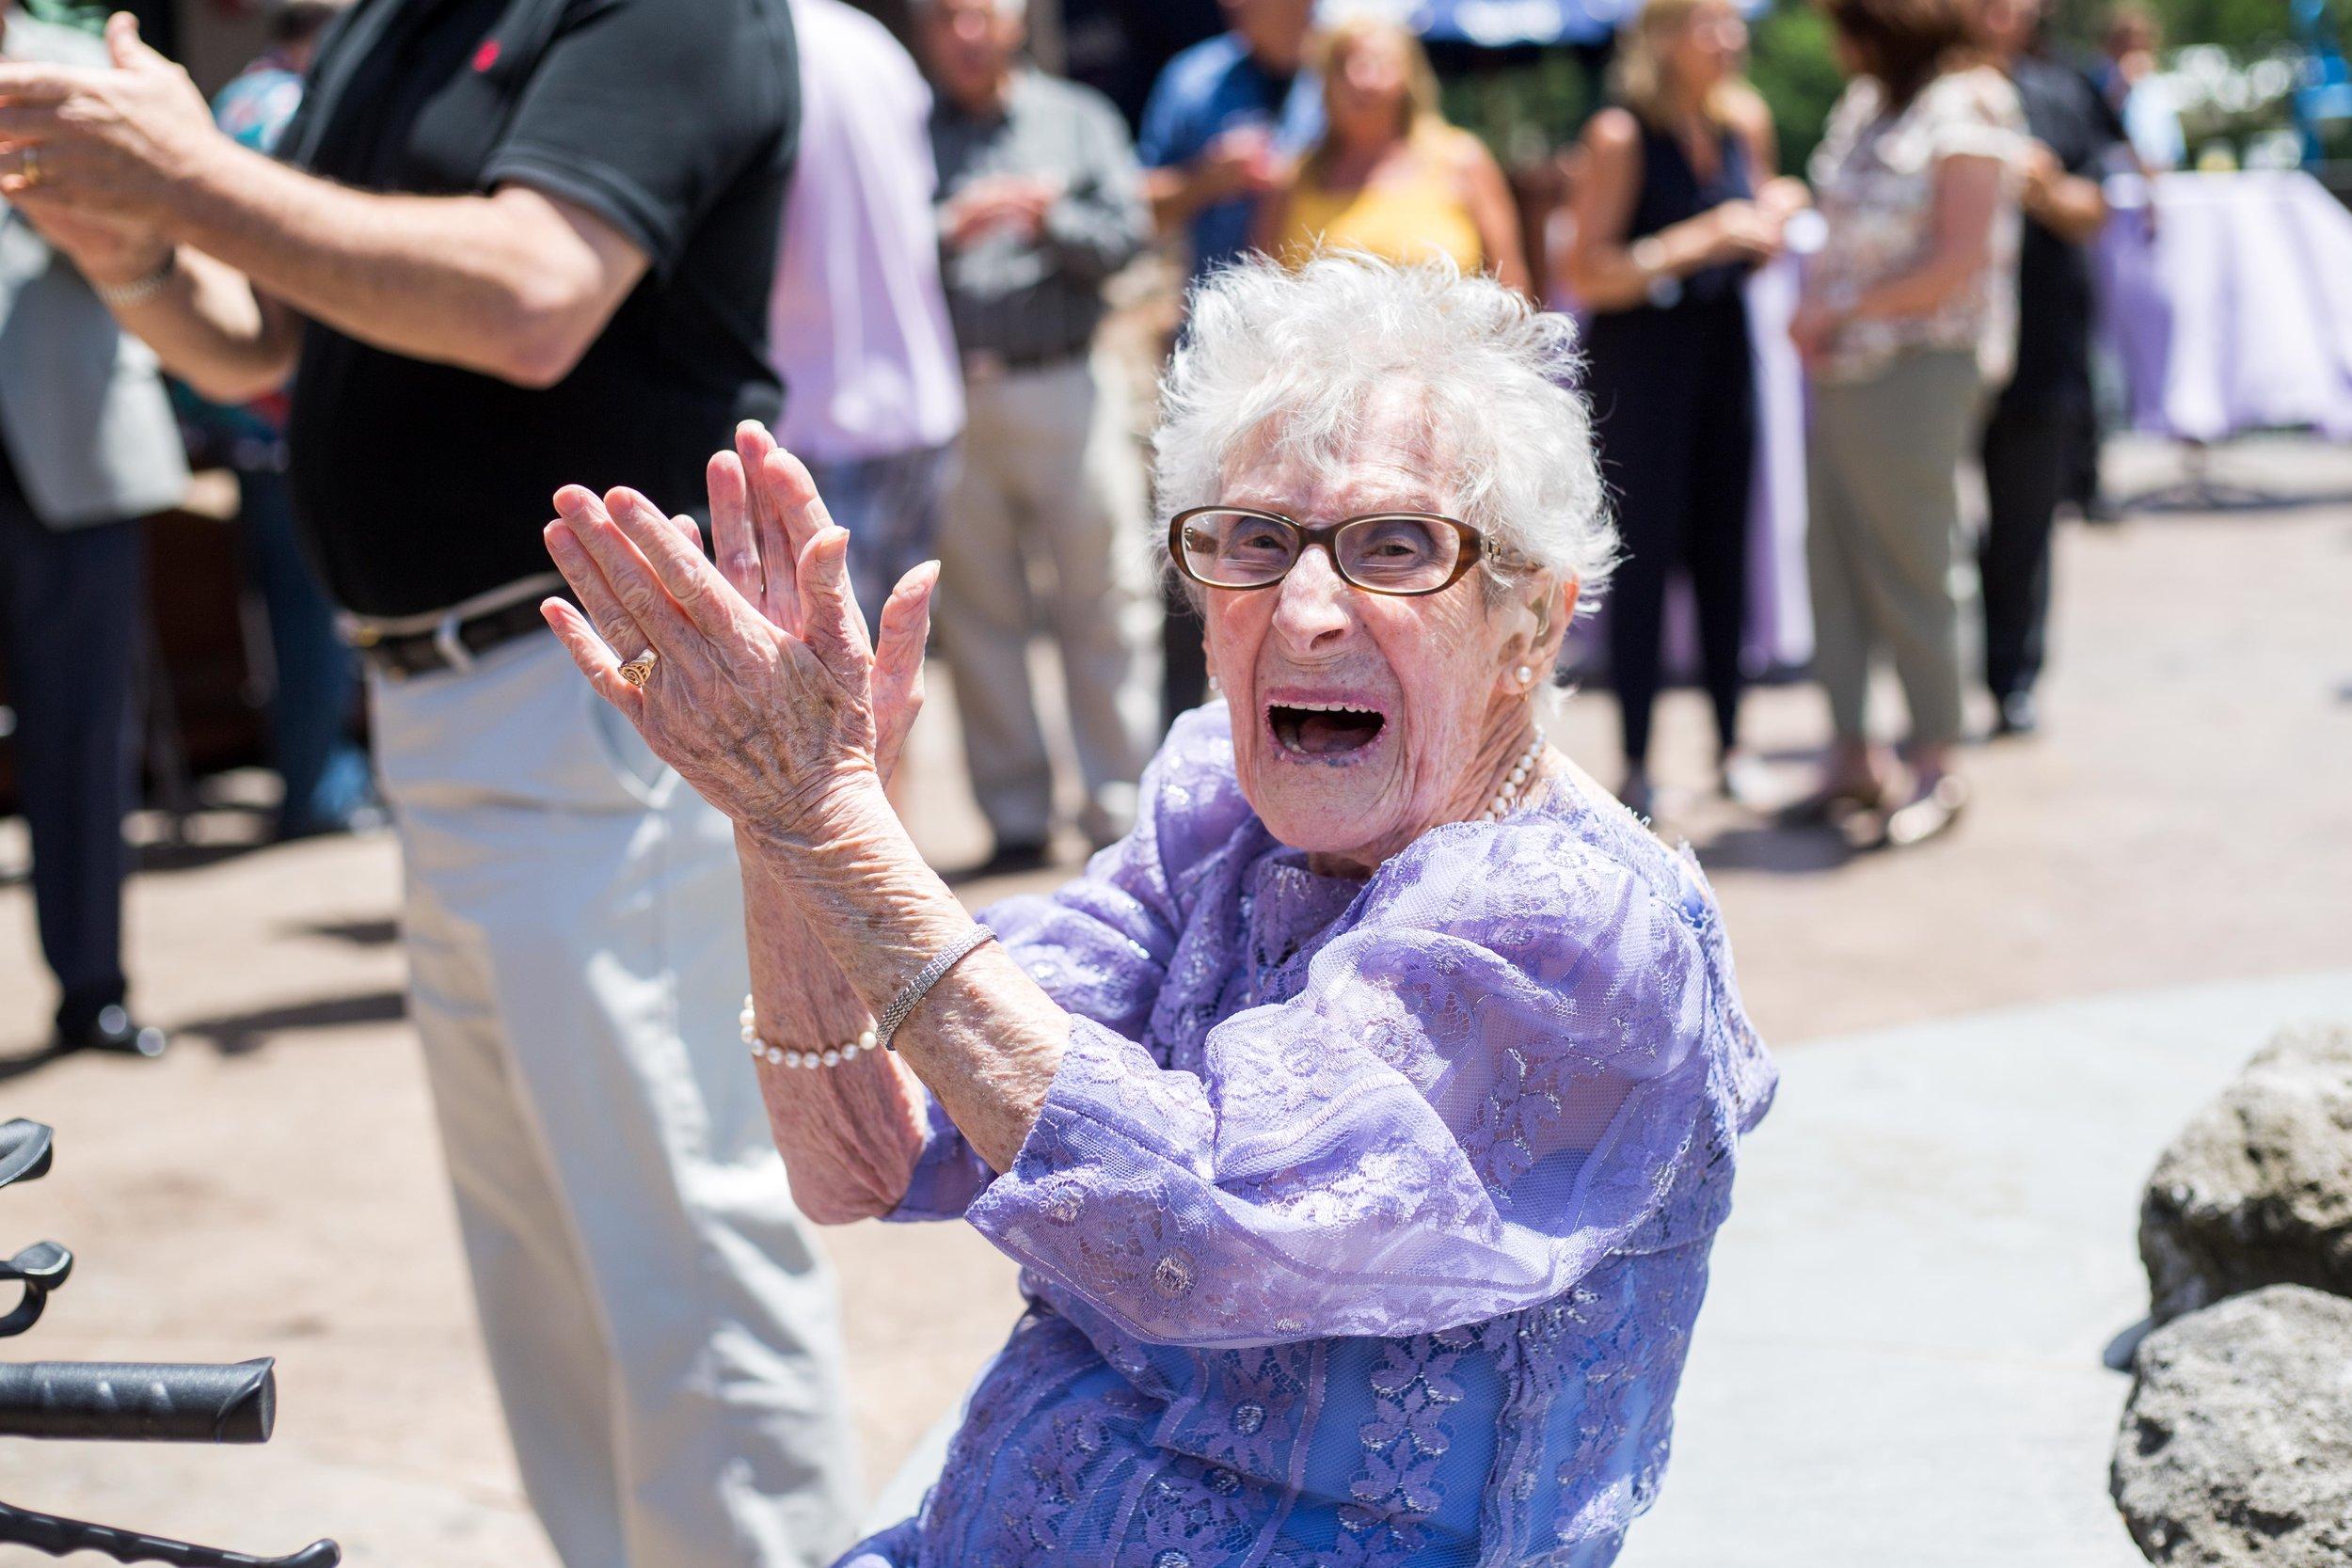 McLoones Boathouse West Orange NJ 100th Birthday Party Event Photos-11.jpg